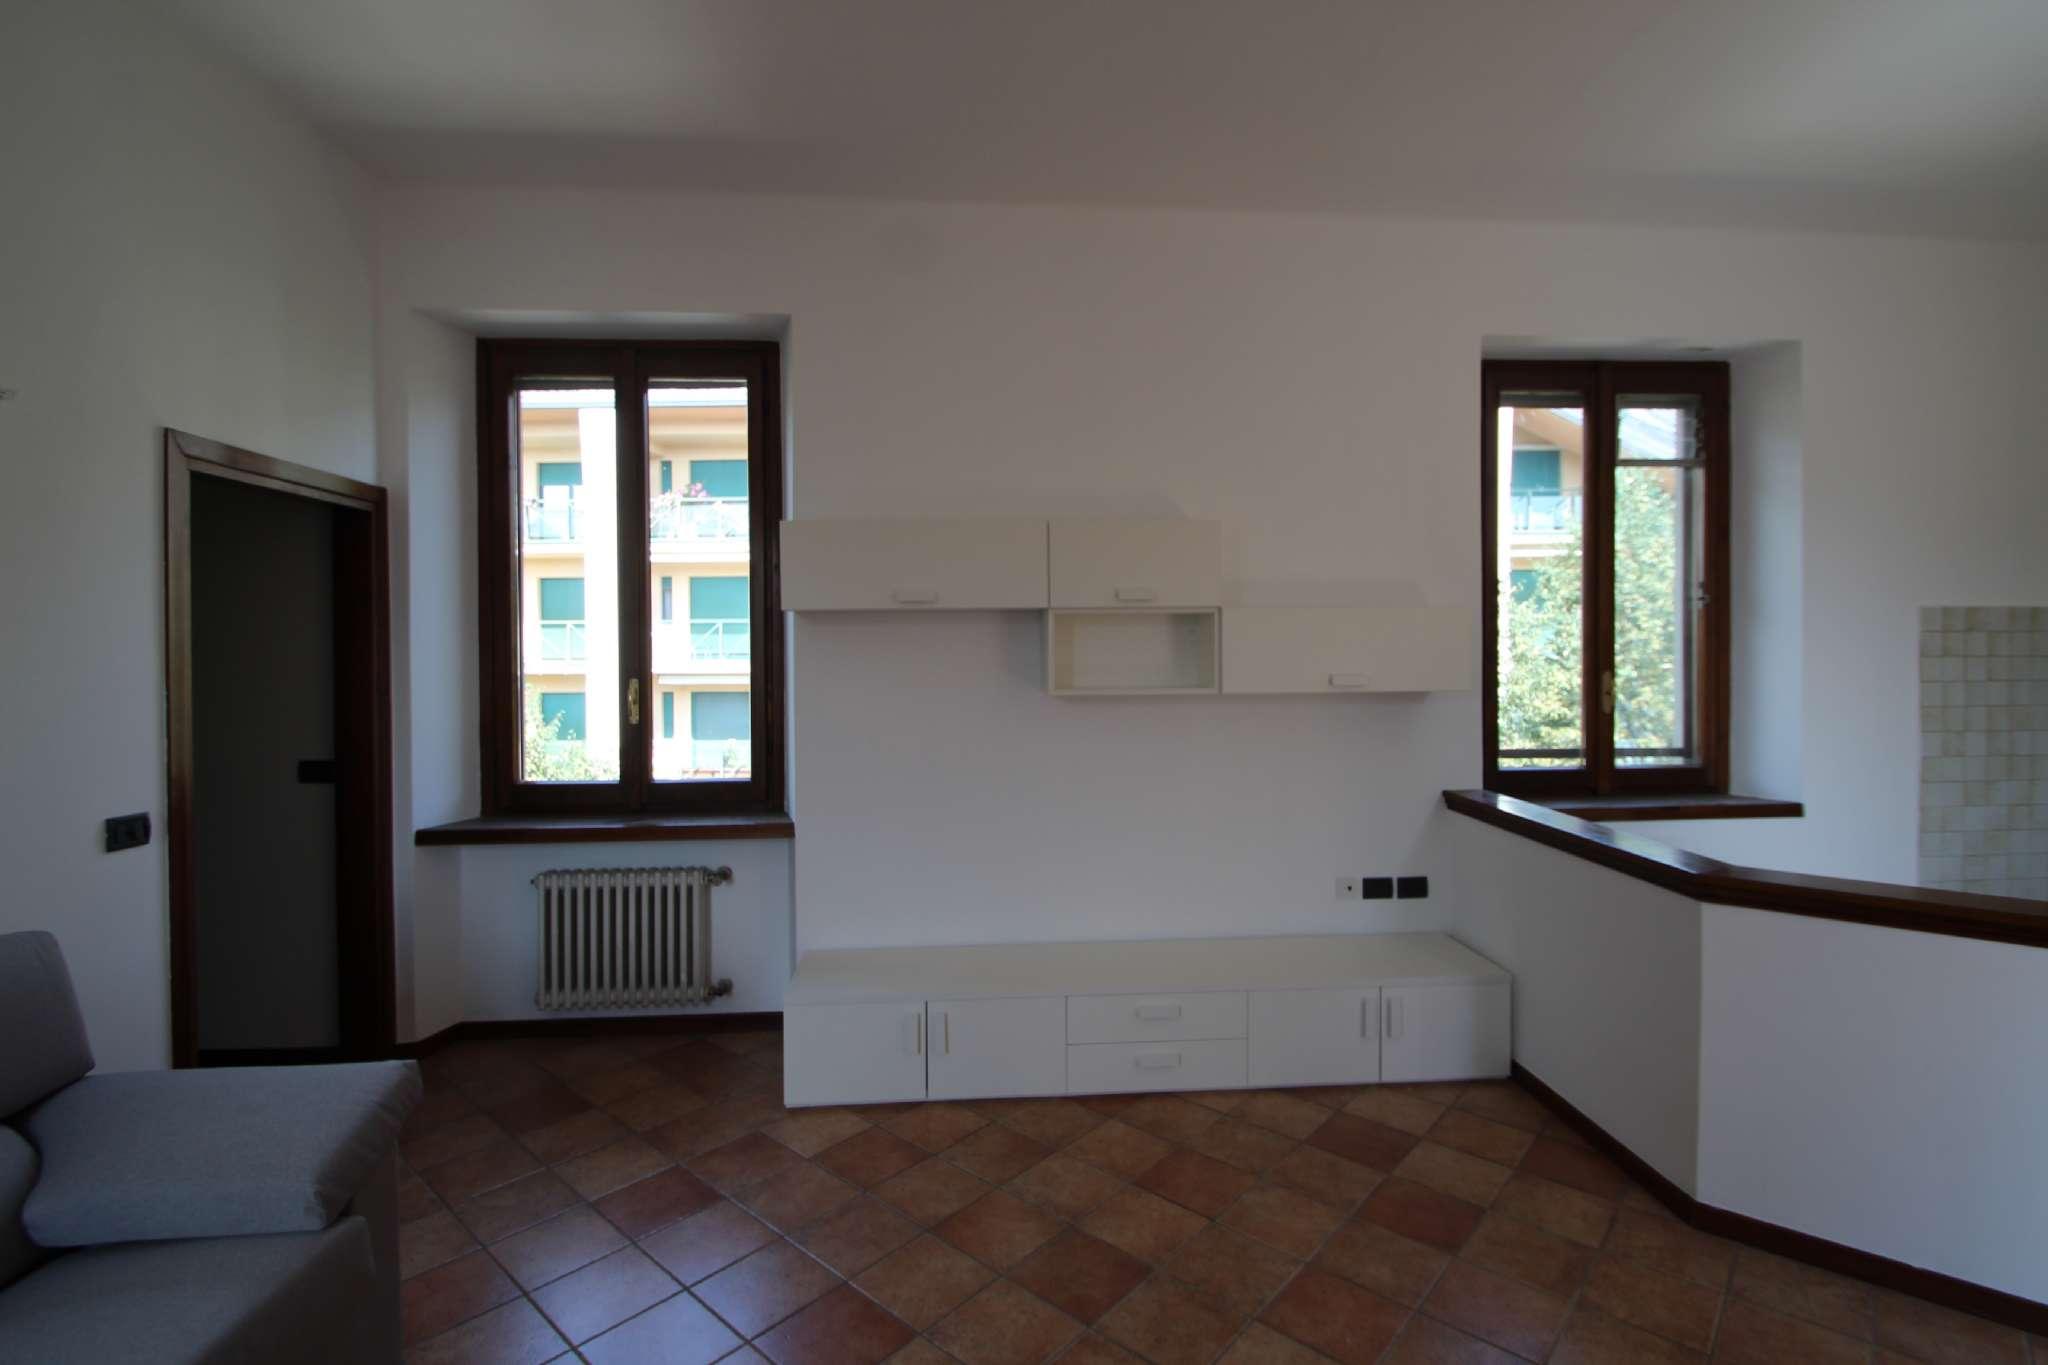 Appartamento in affitto a Bergamo, 3 locali, prezzo € 850 | PortaleAgenzieImmobiliari.it